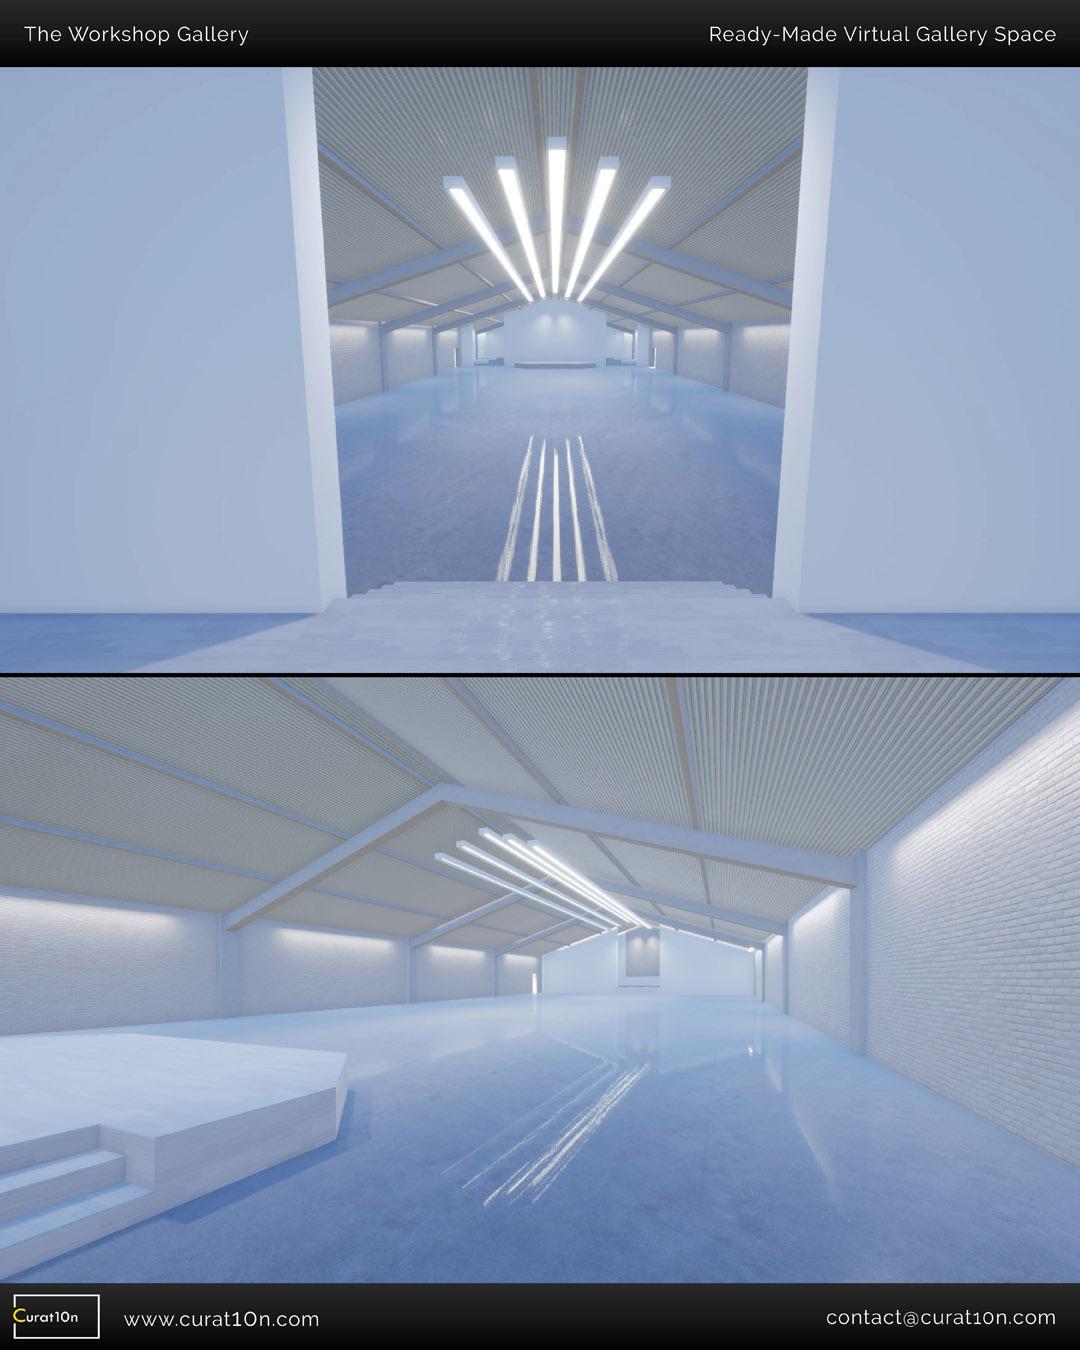 Mezzanine Gallery - Demo Virtual Exhibition - Curat10n Art Gallery